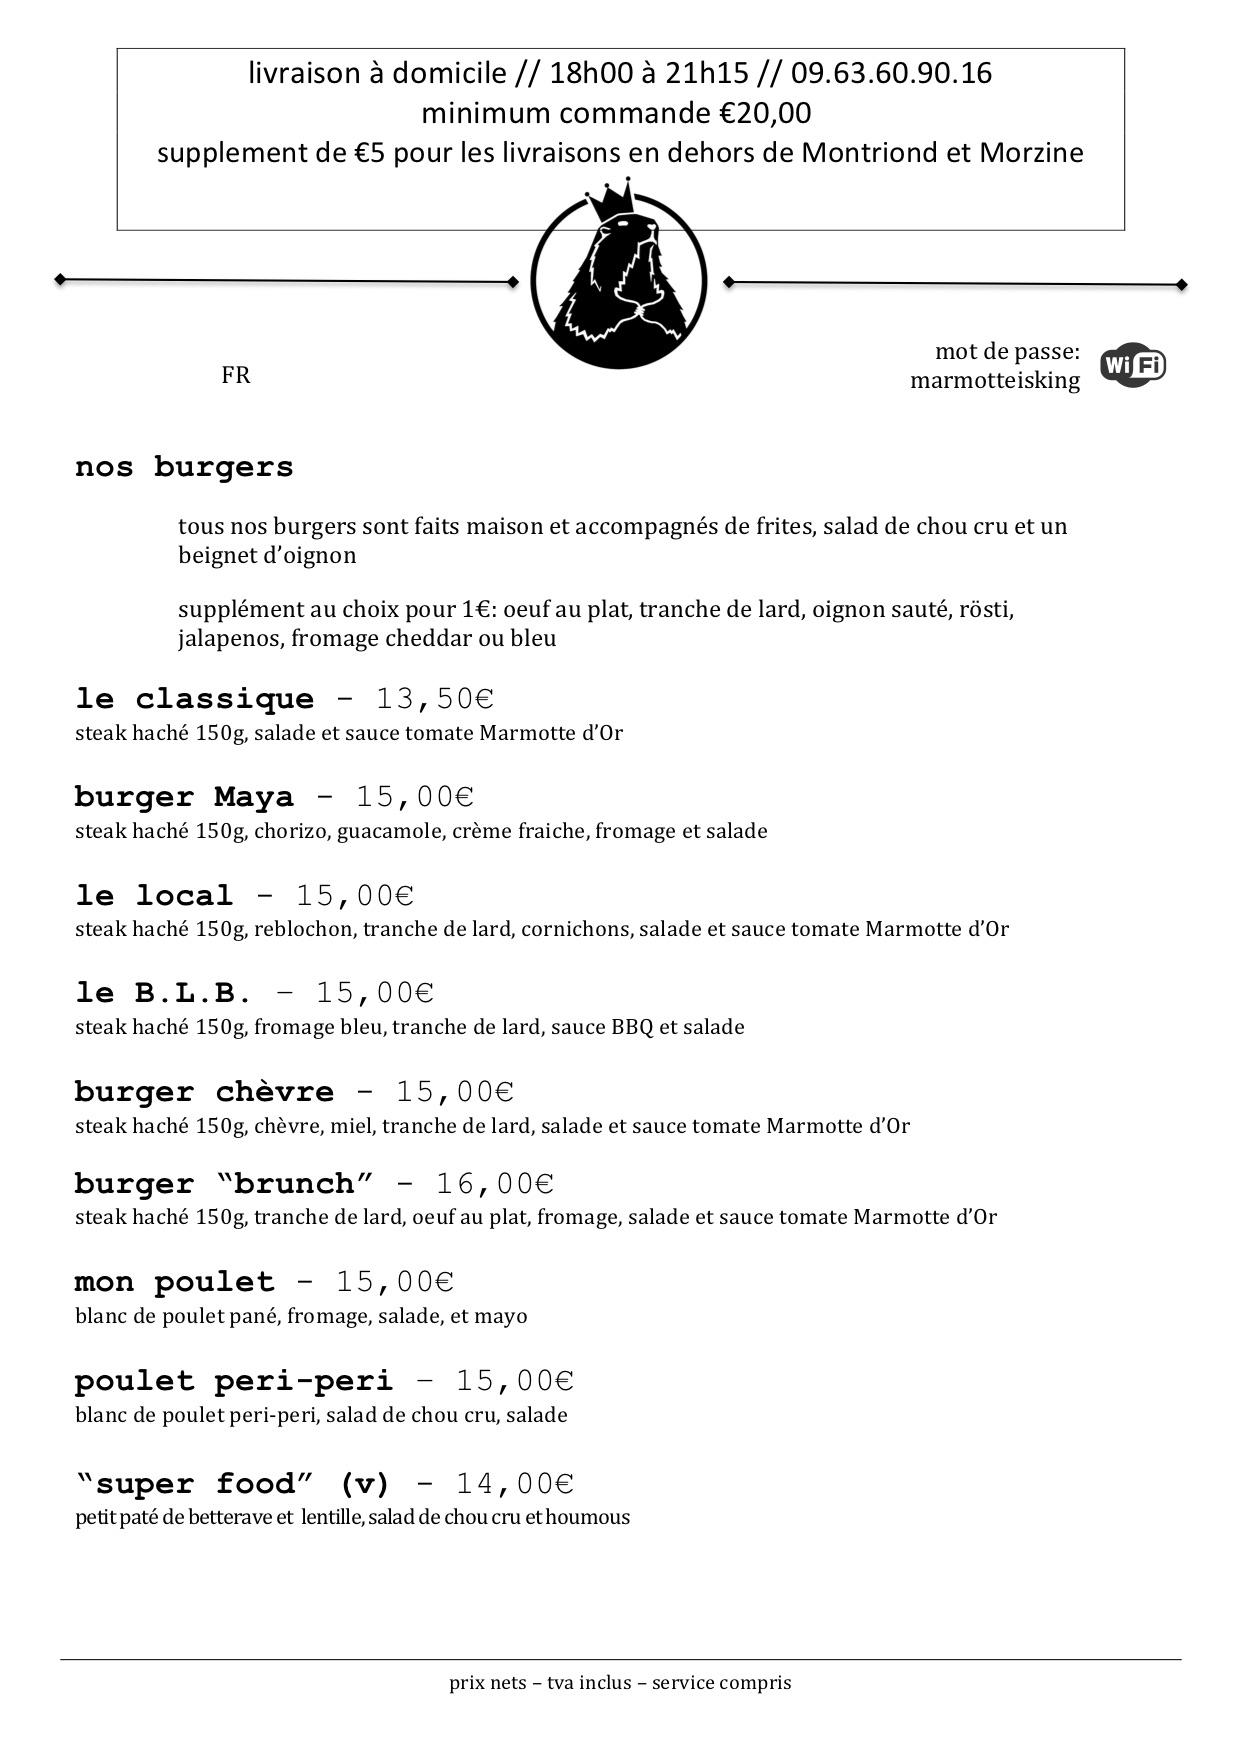 Burger menu 2018 TA FR